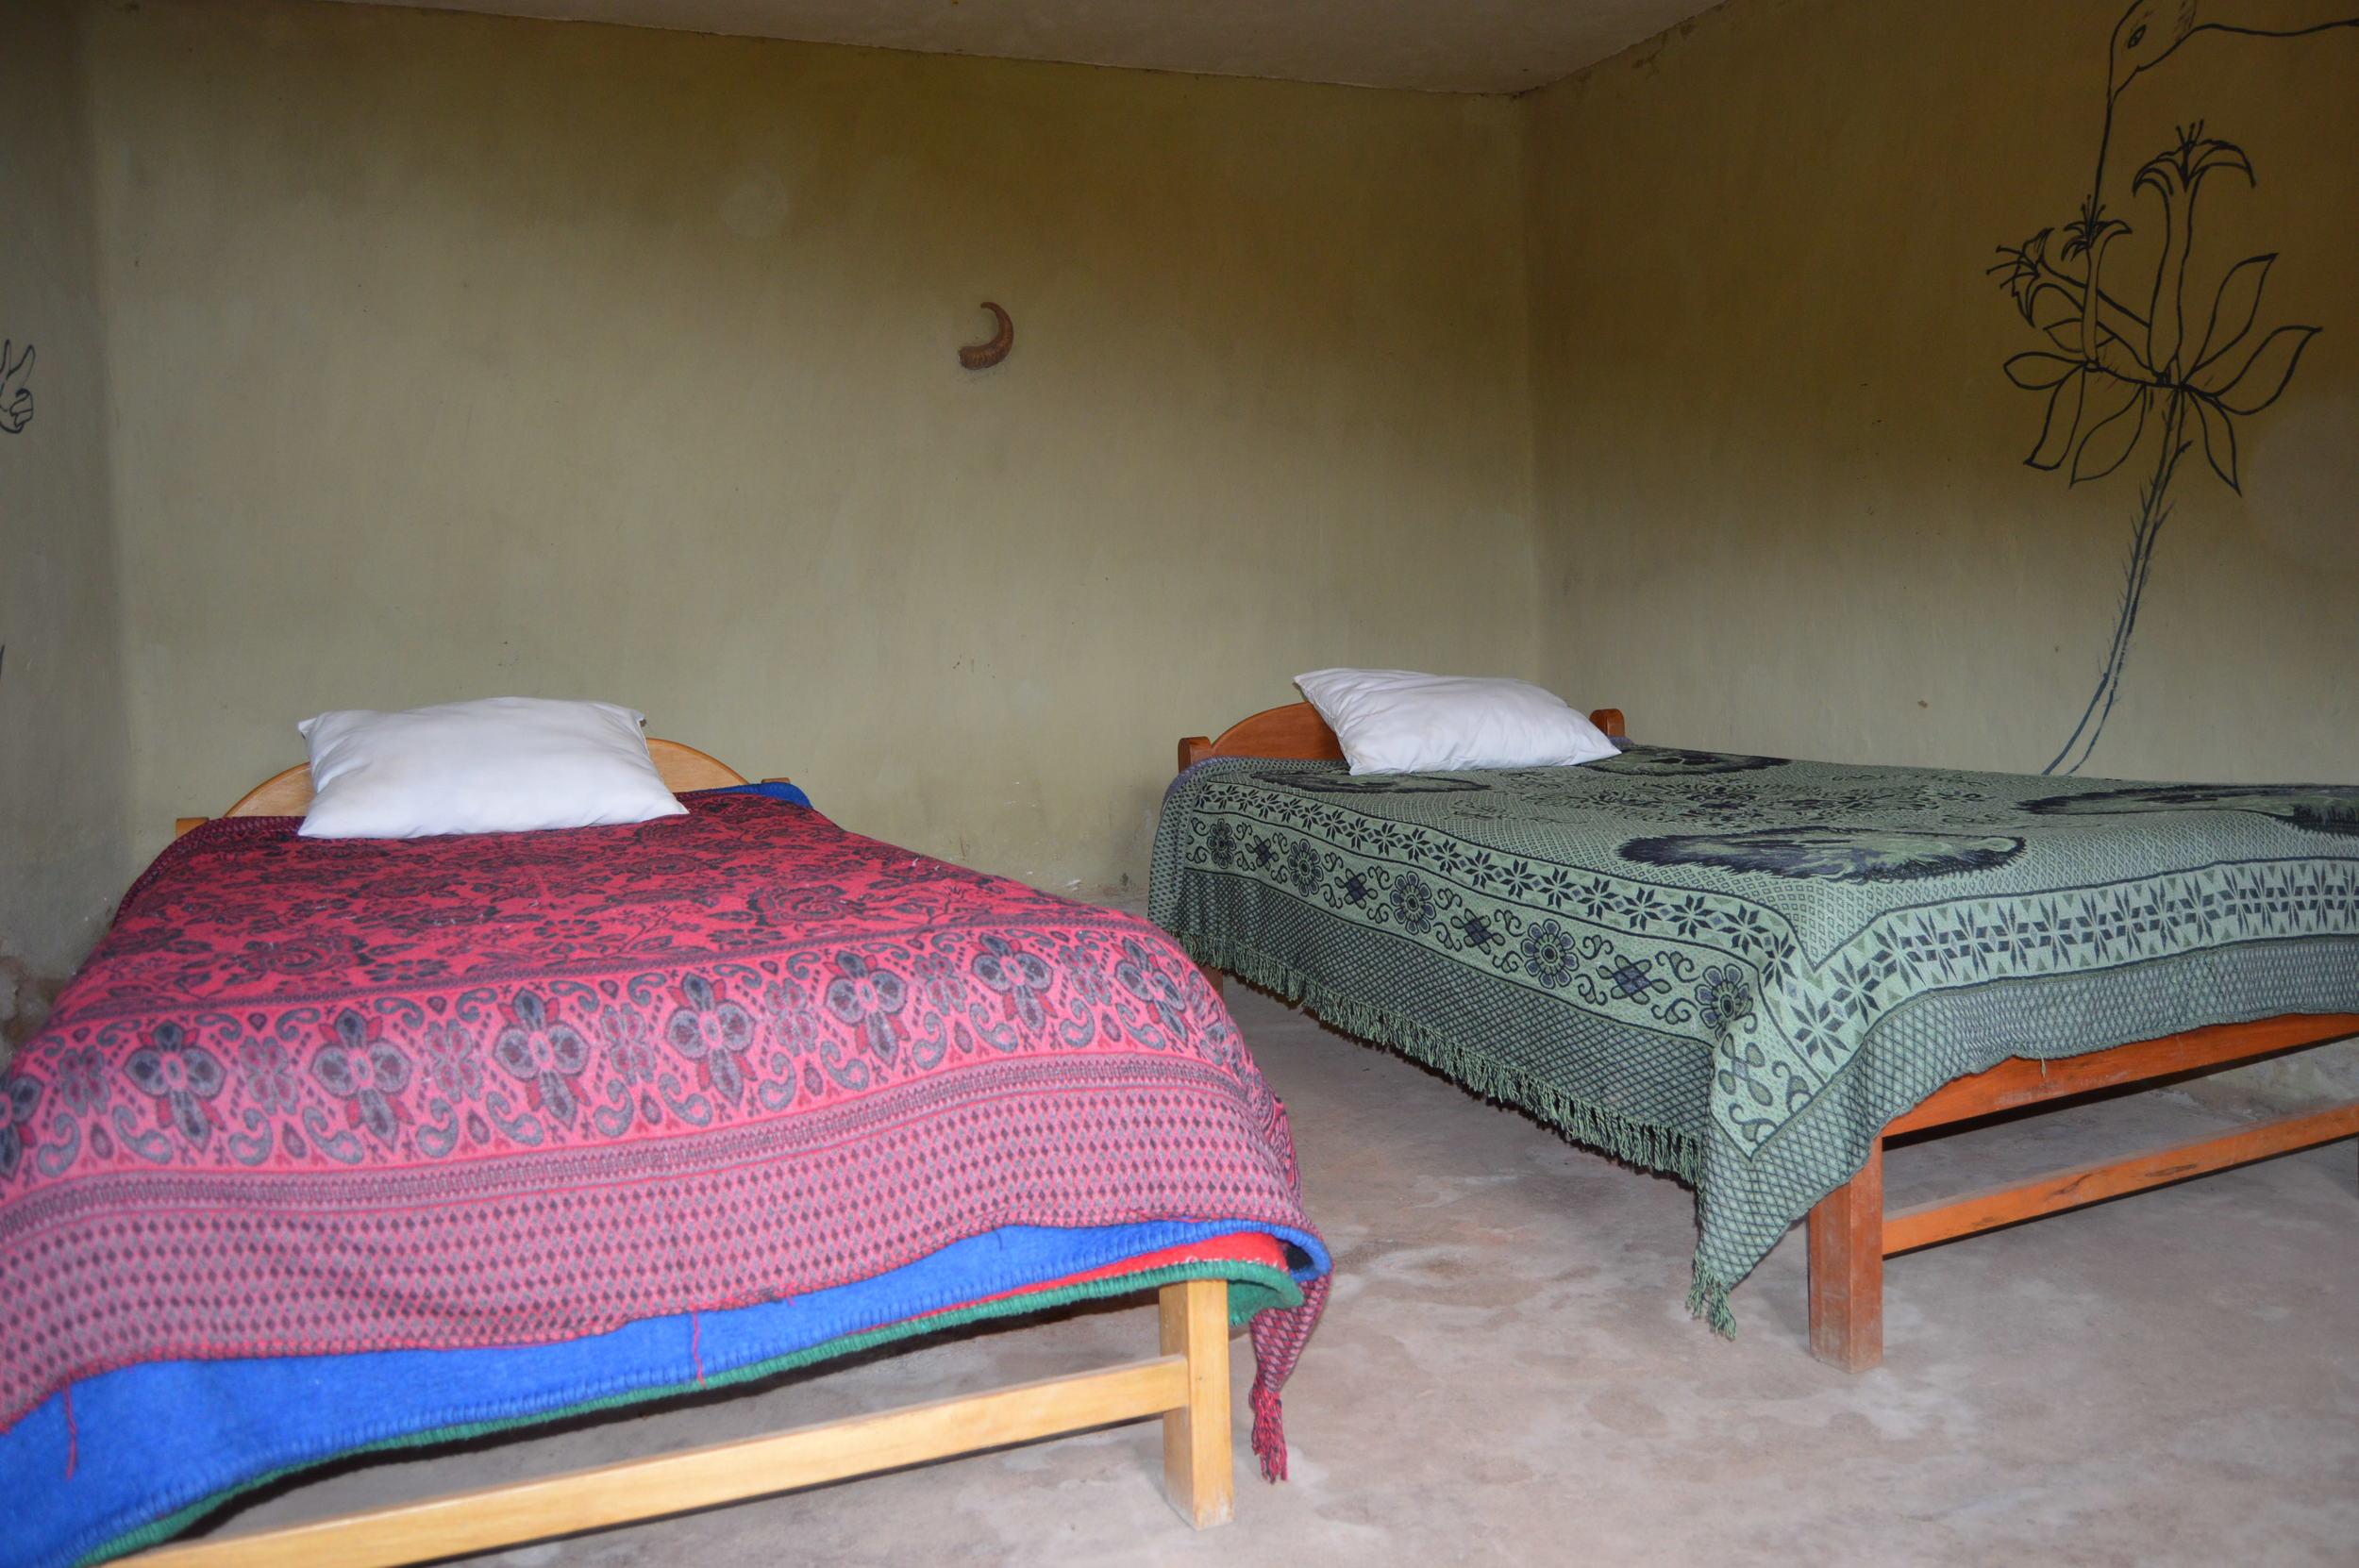 Homestay room at Paru Paru Community near Cusco, Peru